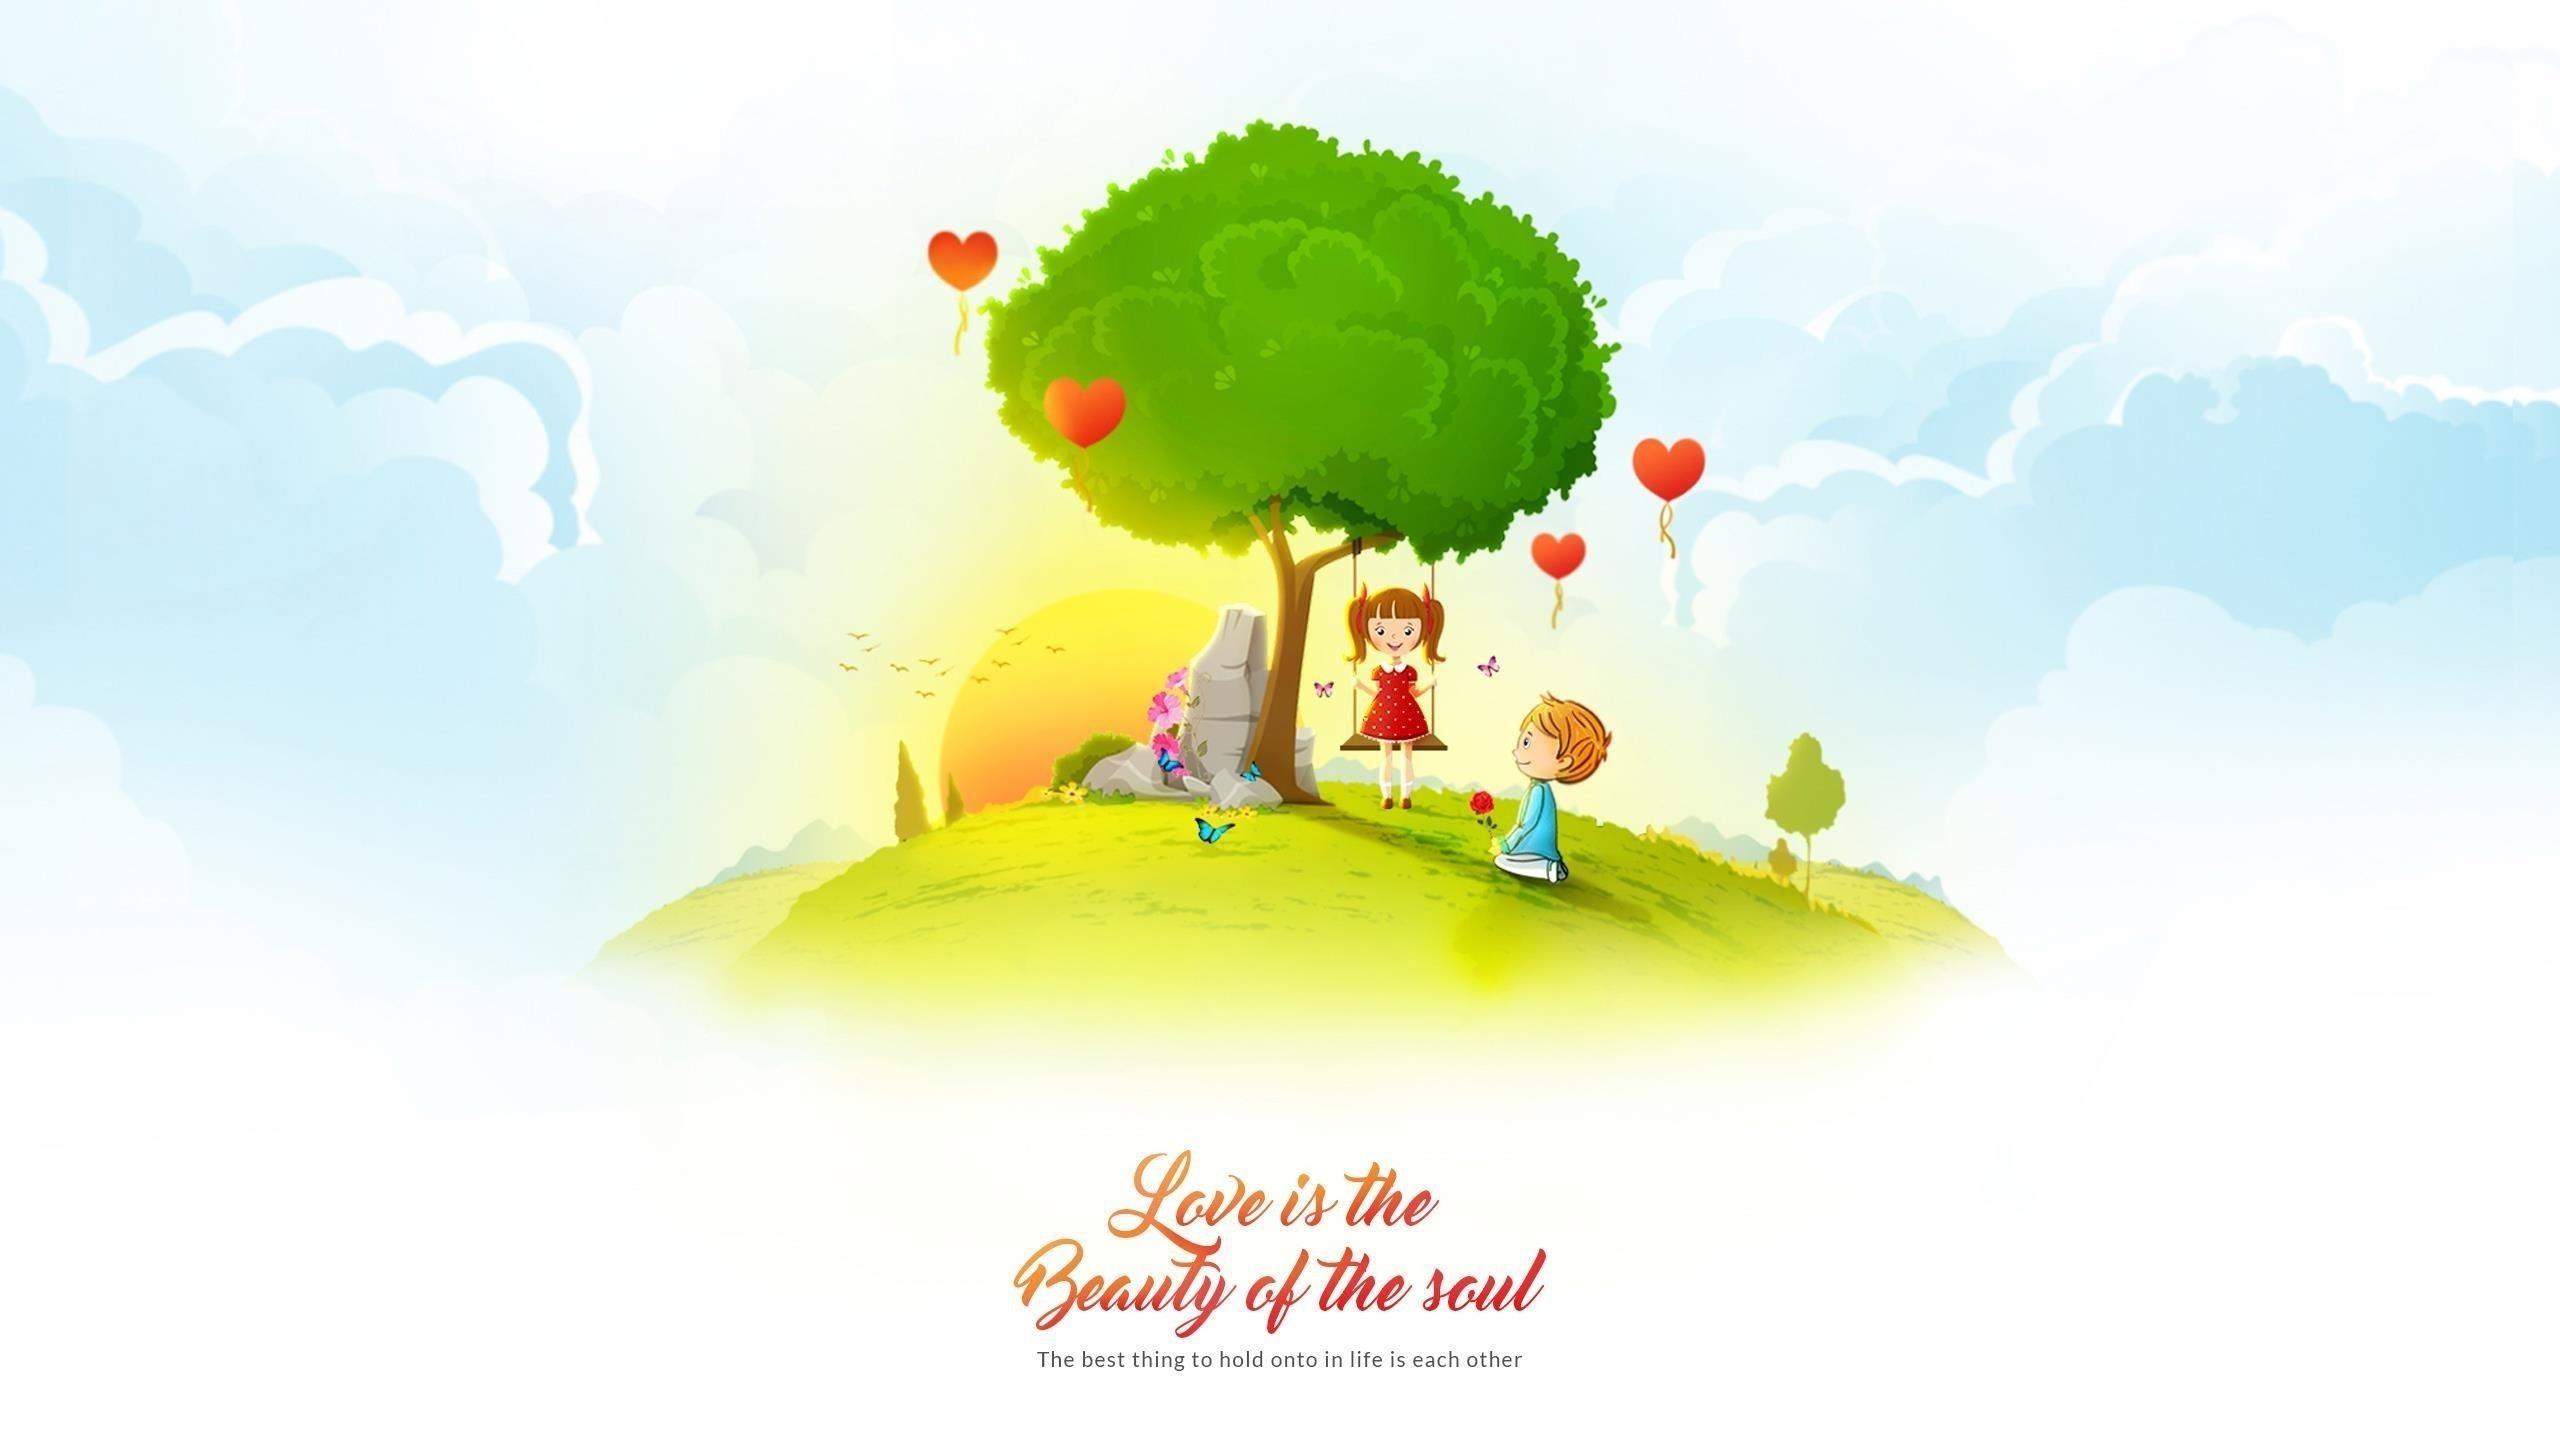 Любовь-это красота души обои скачать